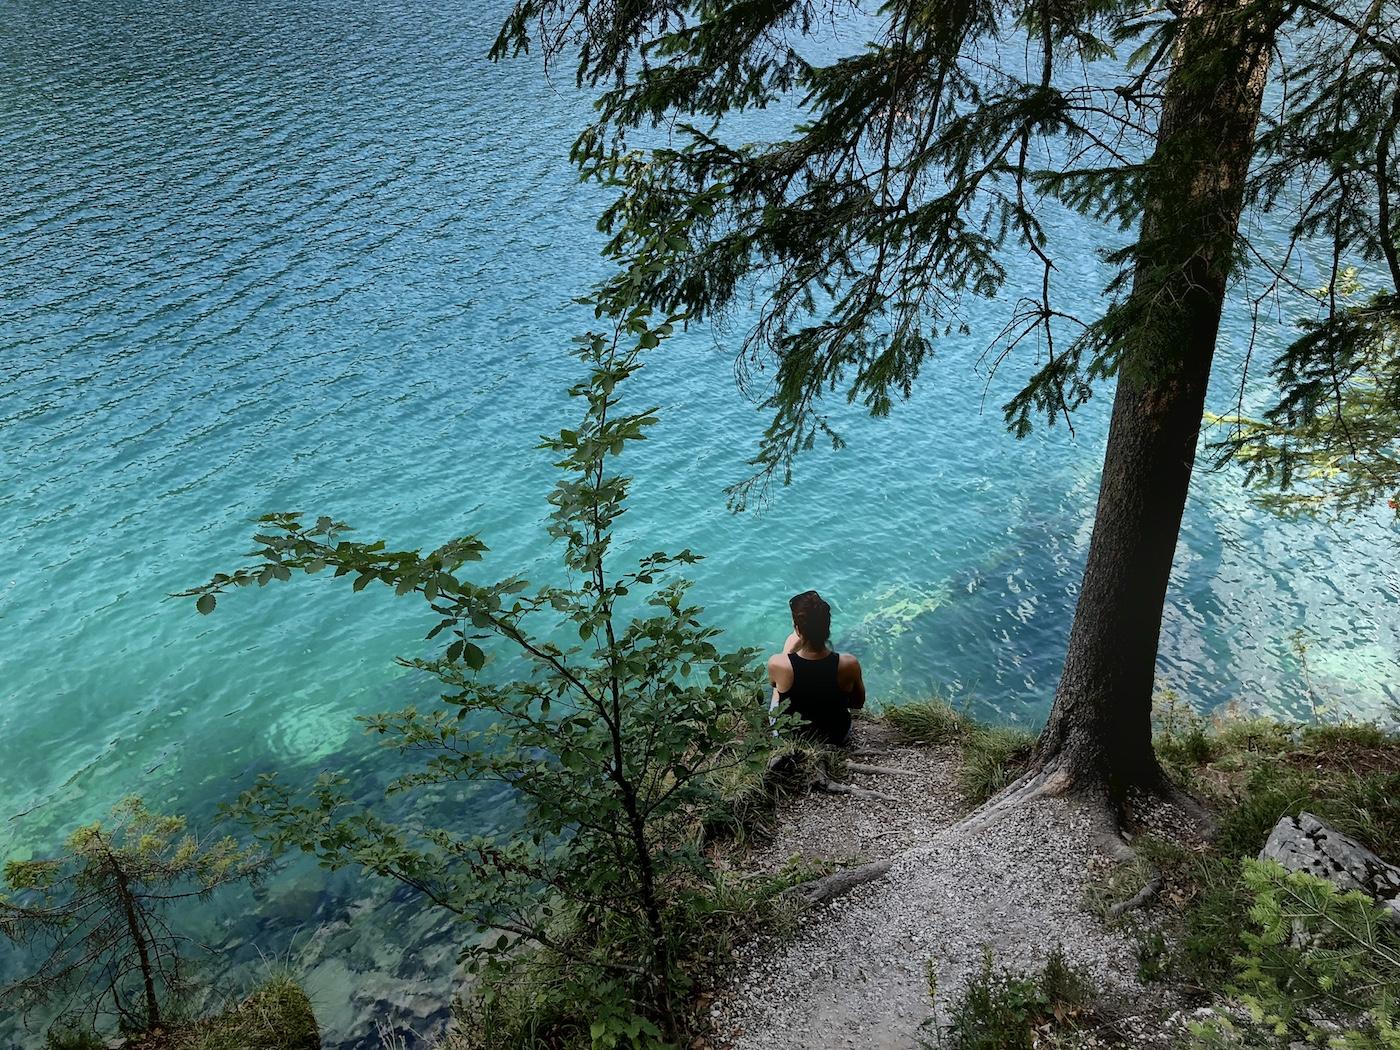 Frau am Ufer sitzend blickt auf Türkisfarbenes Wasser im Hintersteiner See, Tirol, Österreich